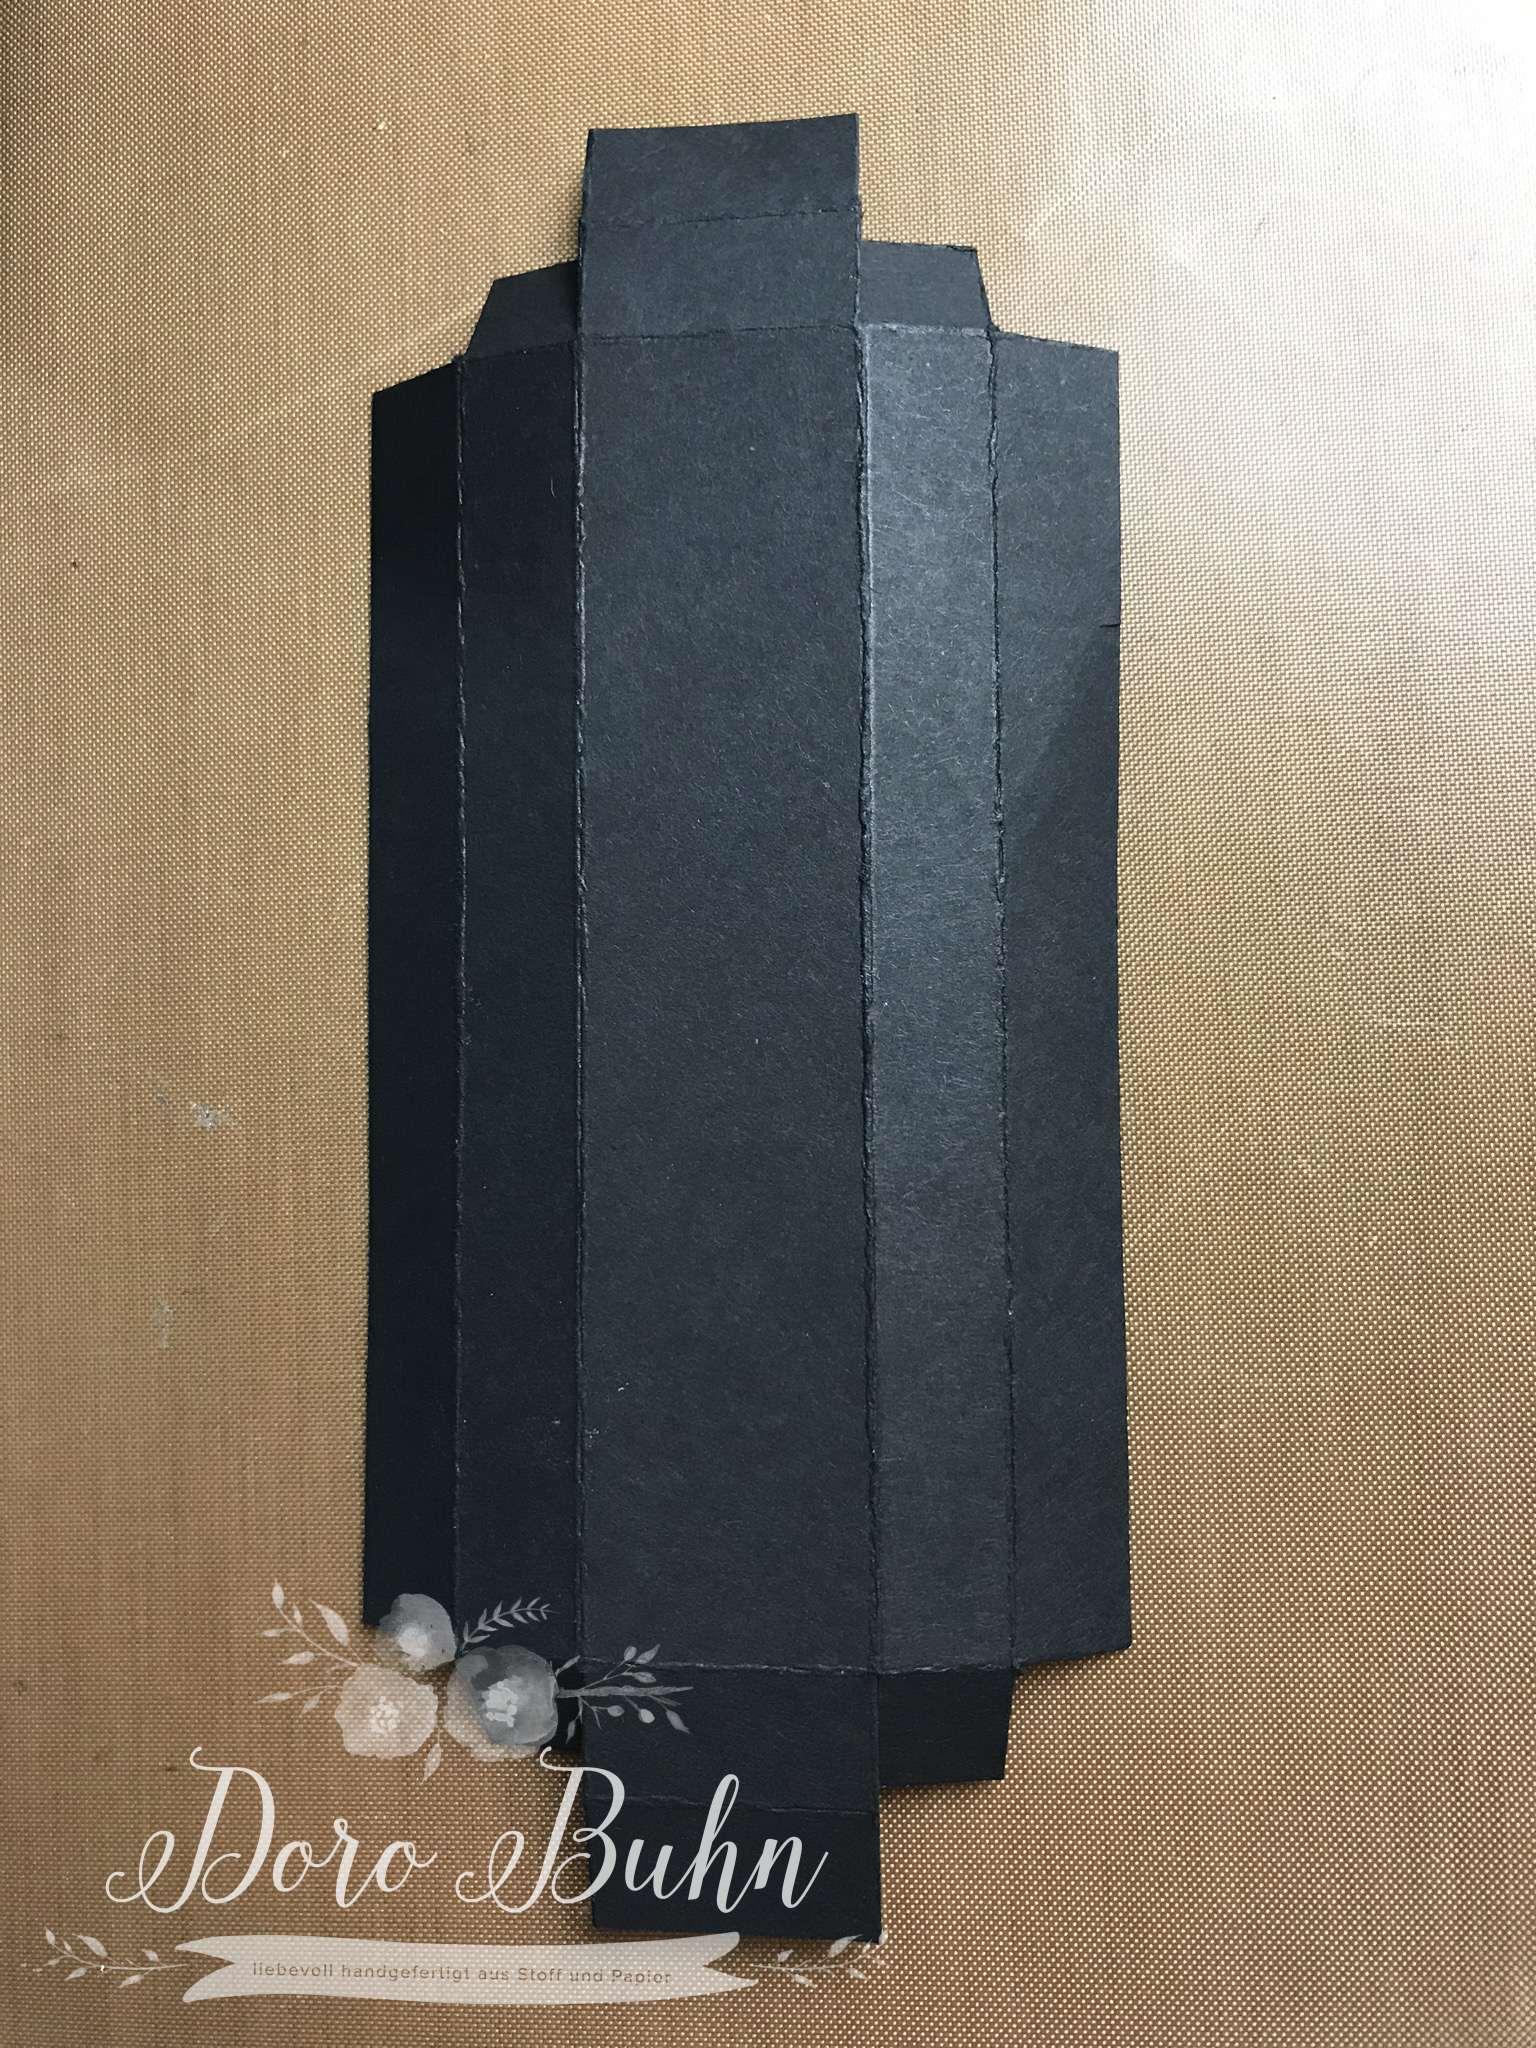 Verpackung für die längste Praline der Welt